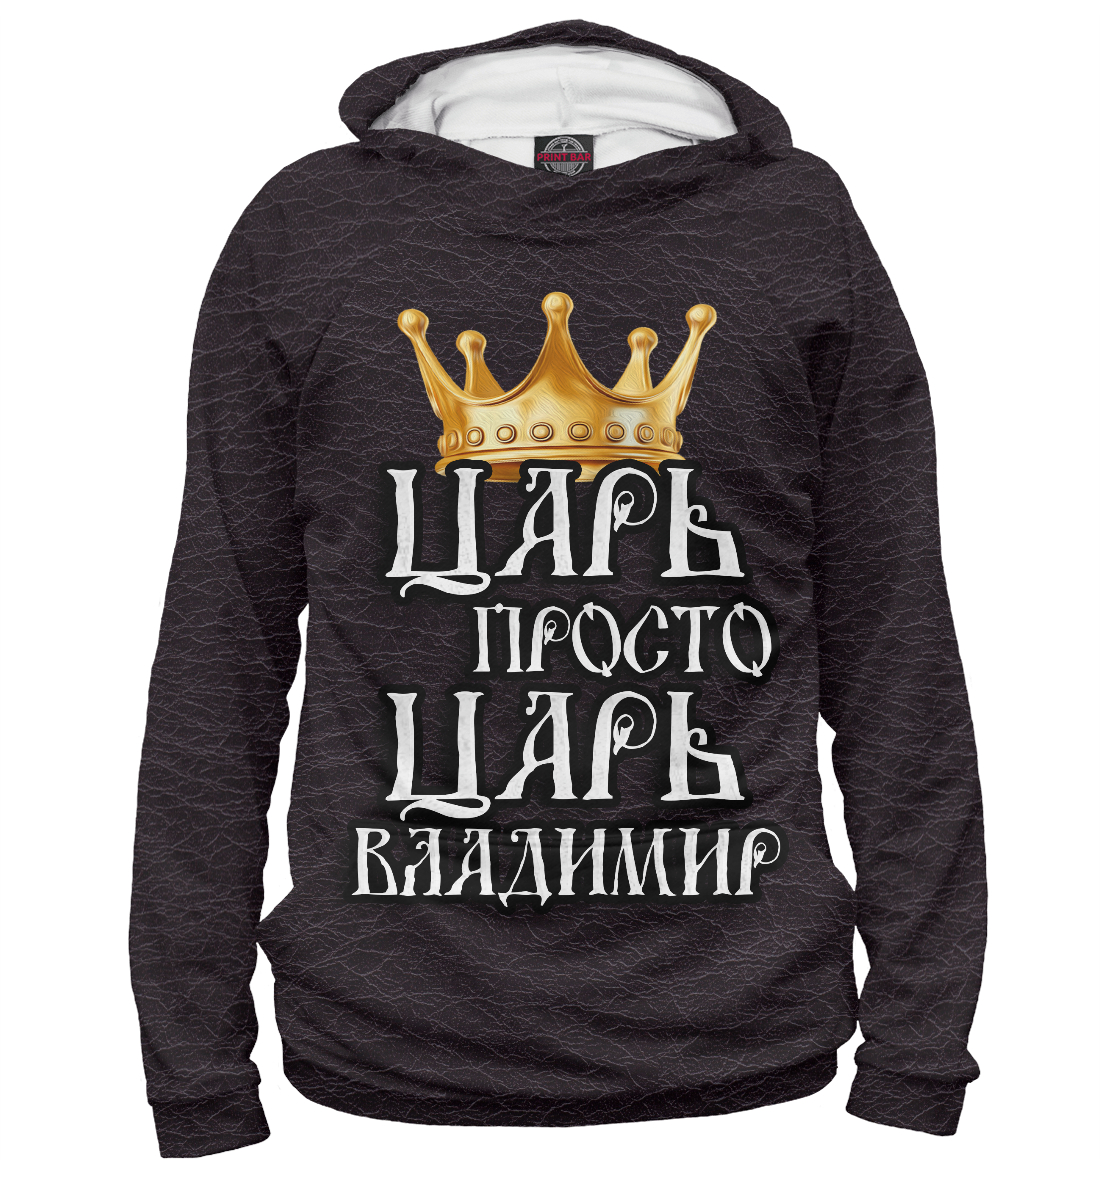 Купить Царь Владимир, Printbar, Худи, IMR-544378-hud-2